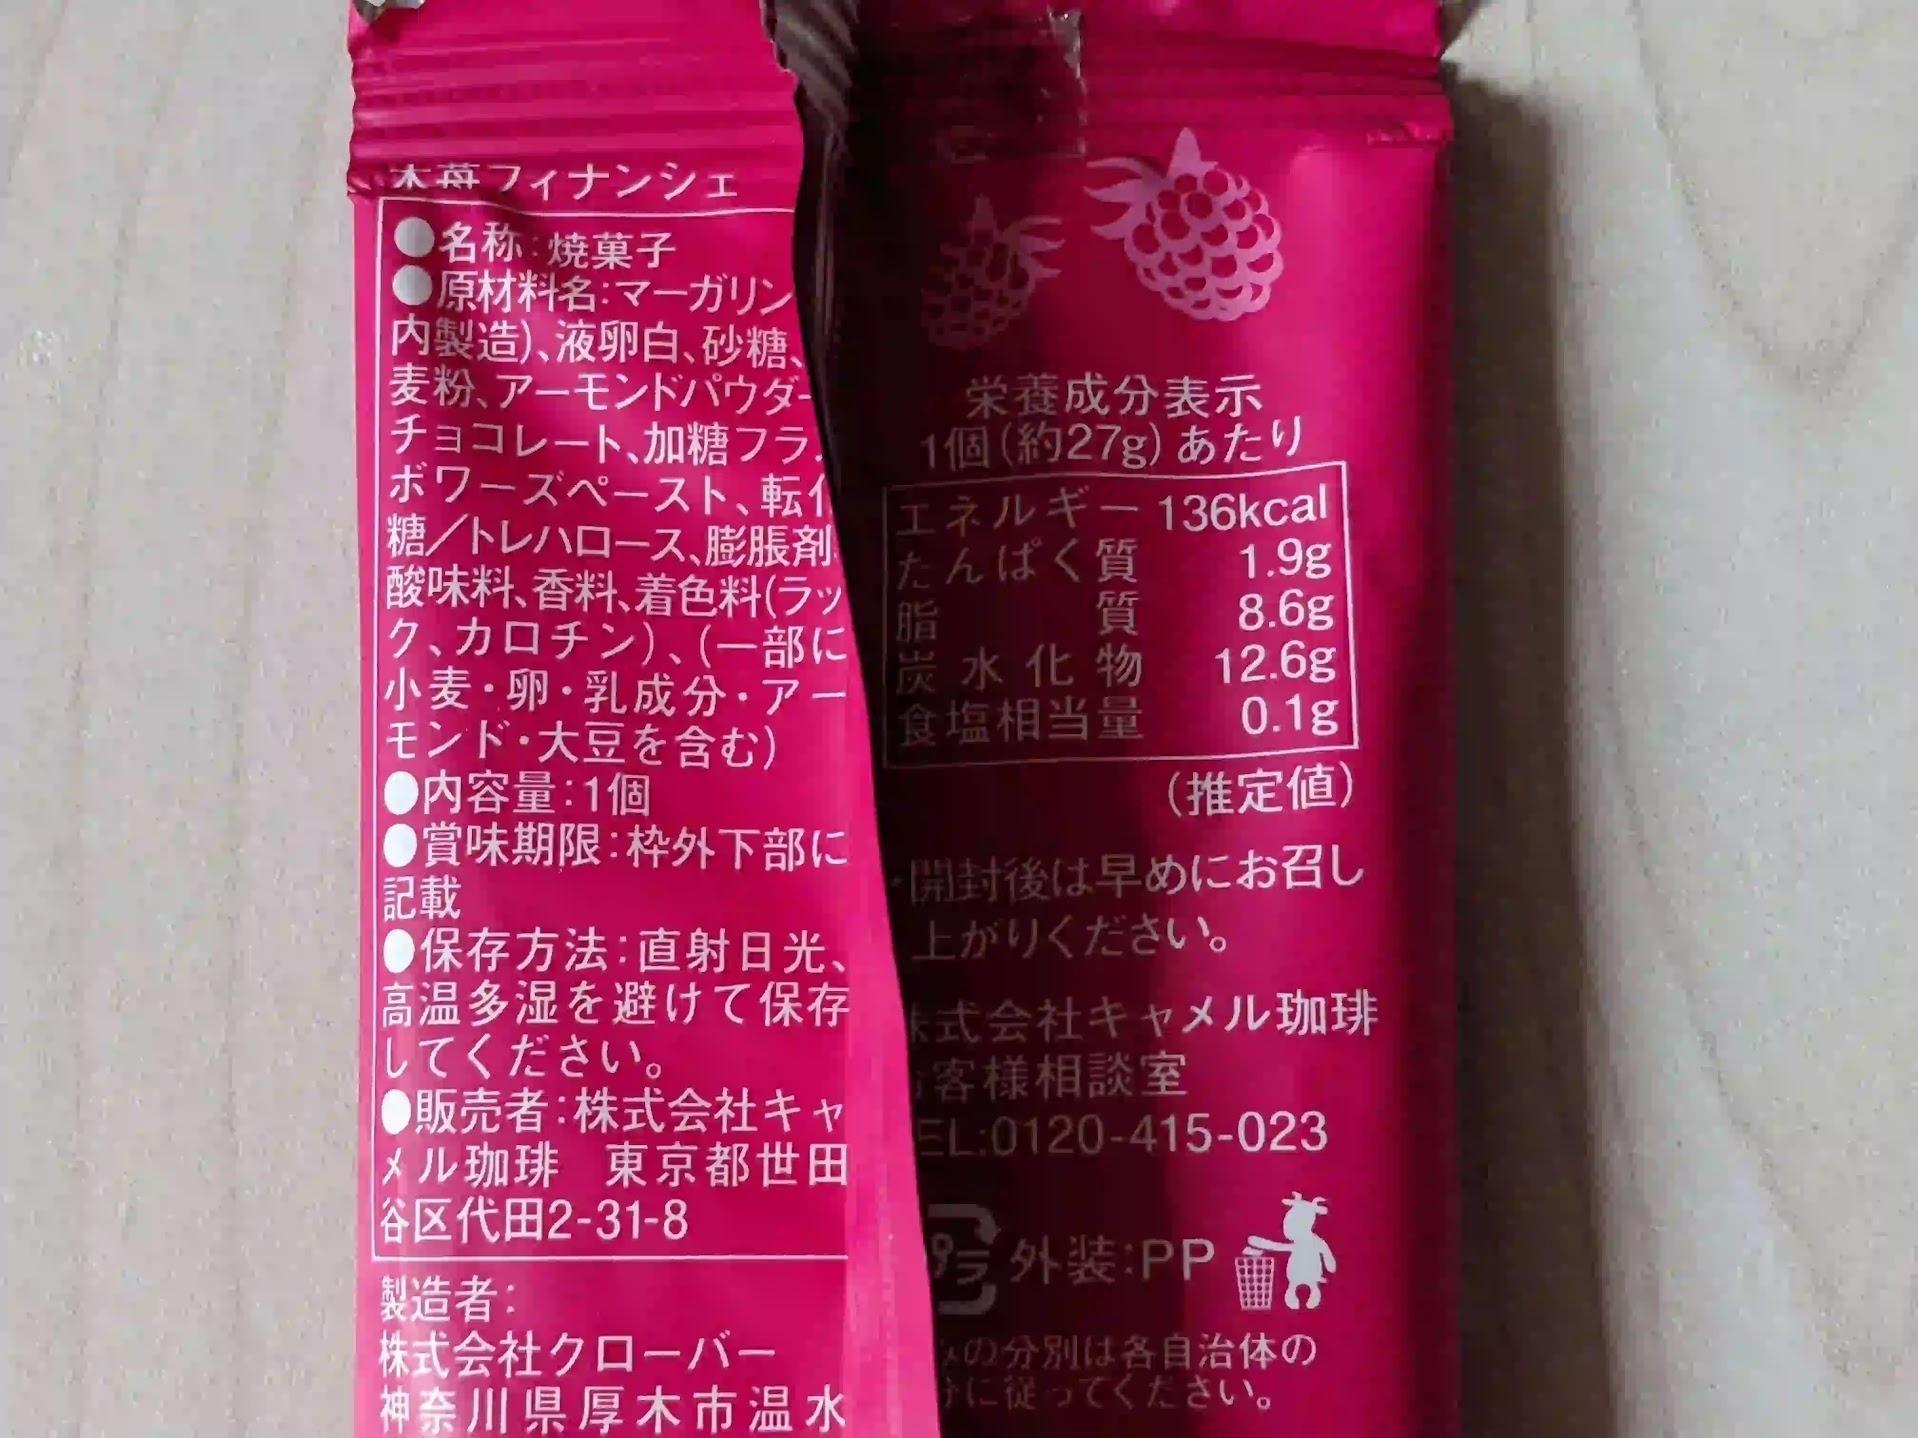 カルディ 木苺フィナンシェ 栄養成分表示